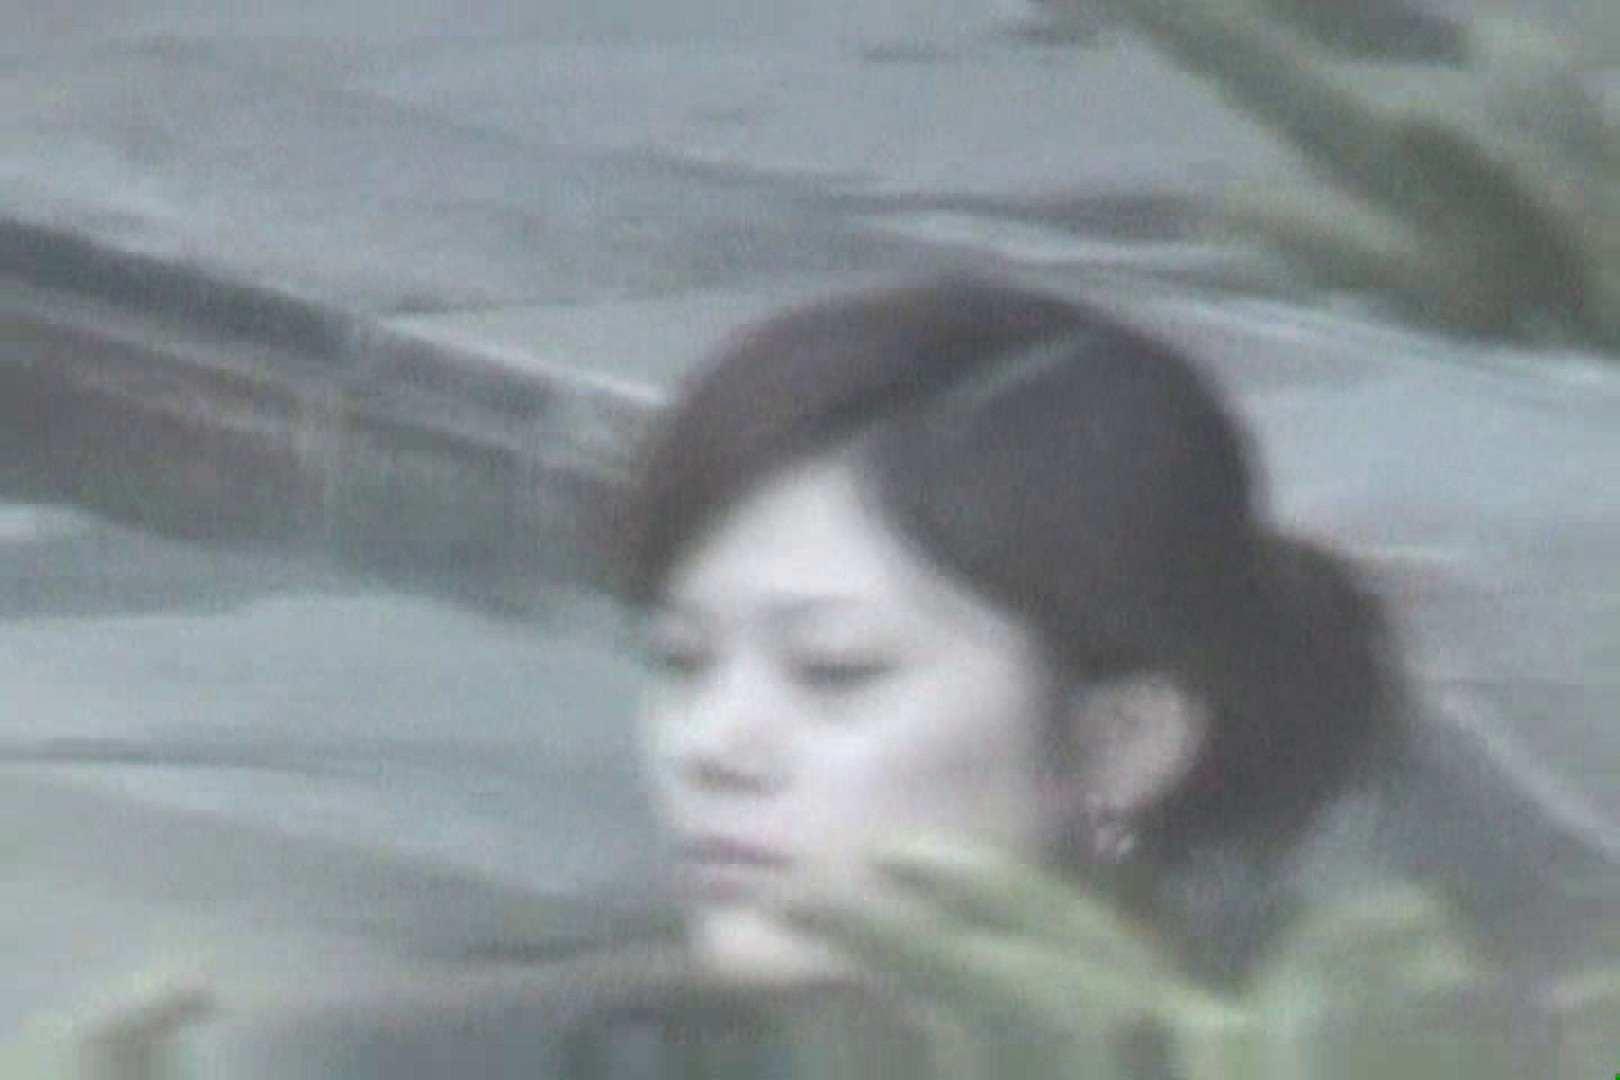 Aquaな露天風呂Vol.609 盗撮シリーズ  107PIX 32